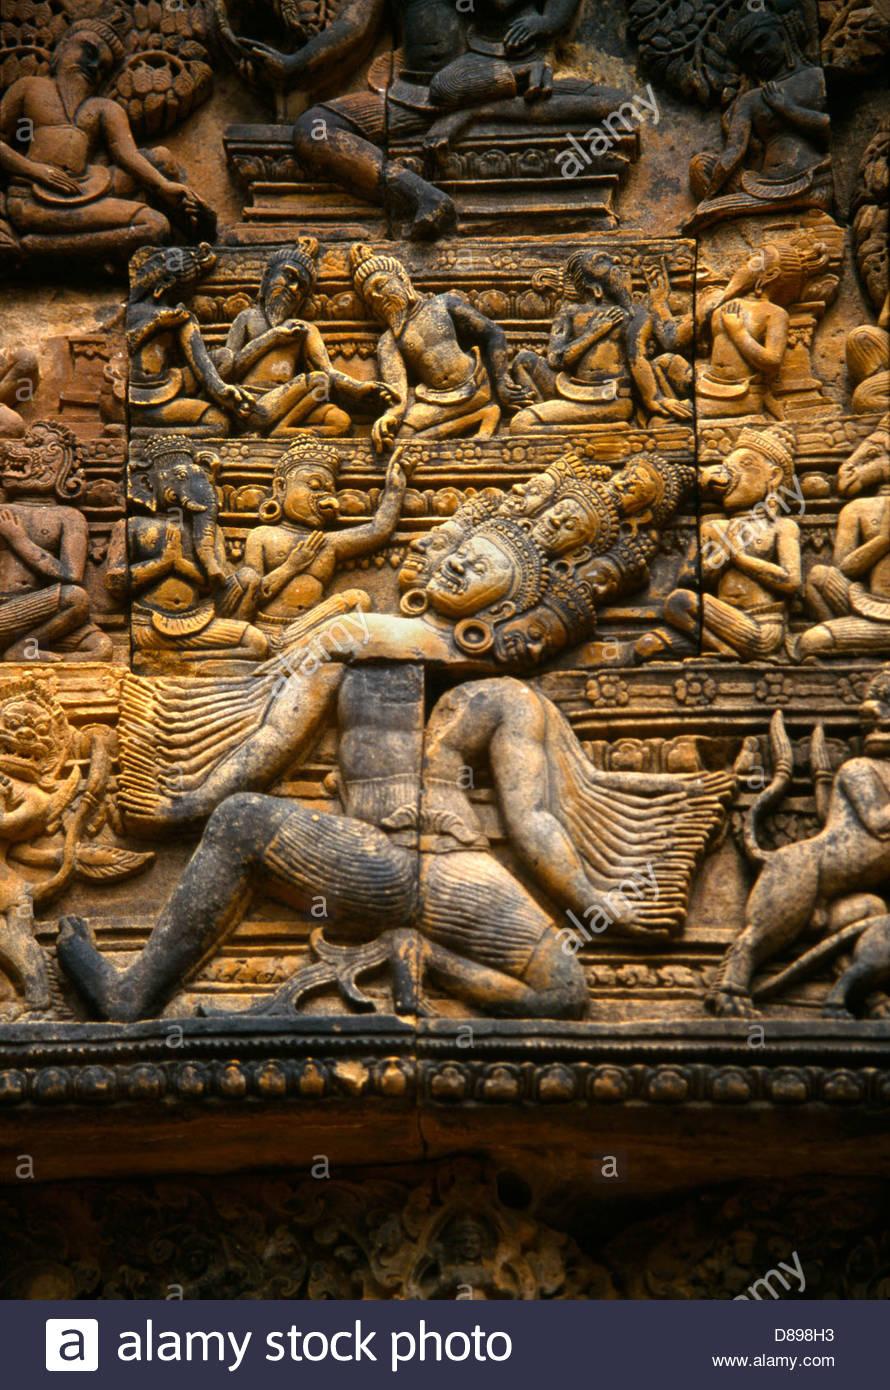 Banteay Srei Cambodia Khmer Temple Many Armed Ravana King Of Demons Lanka